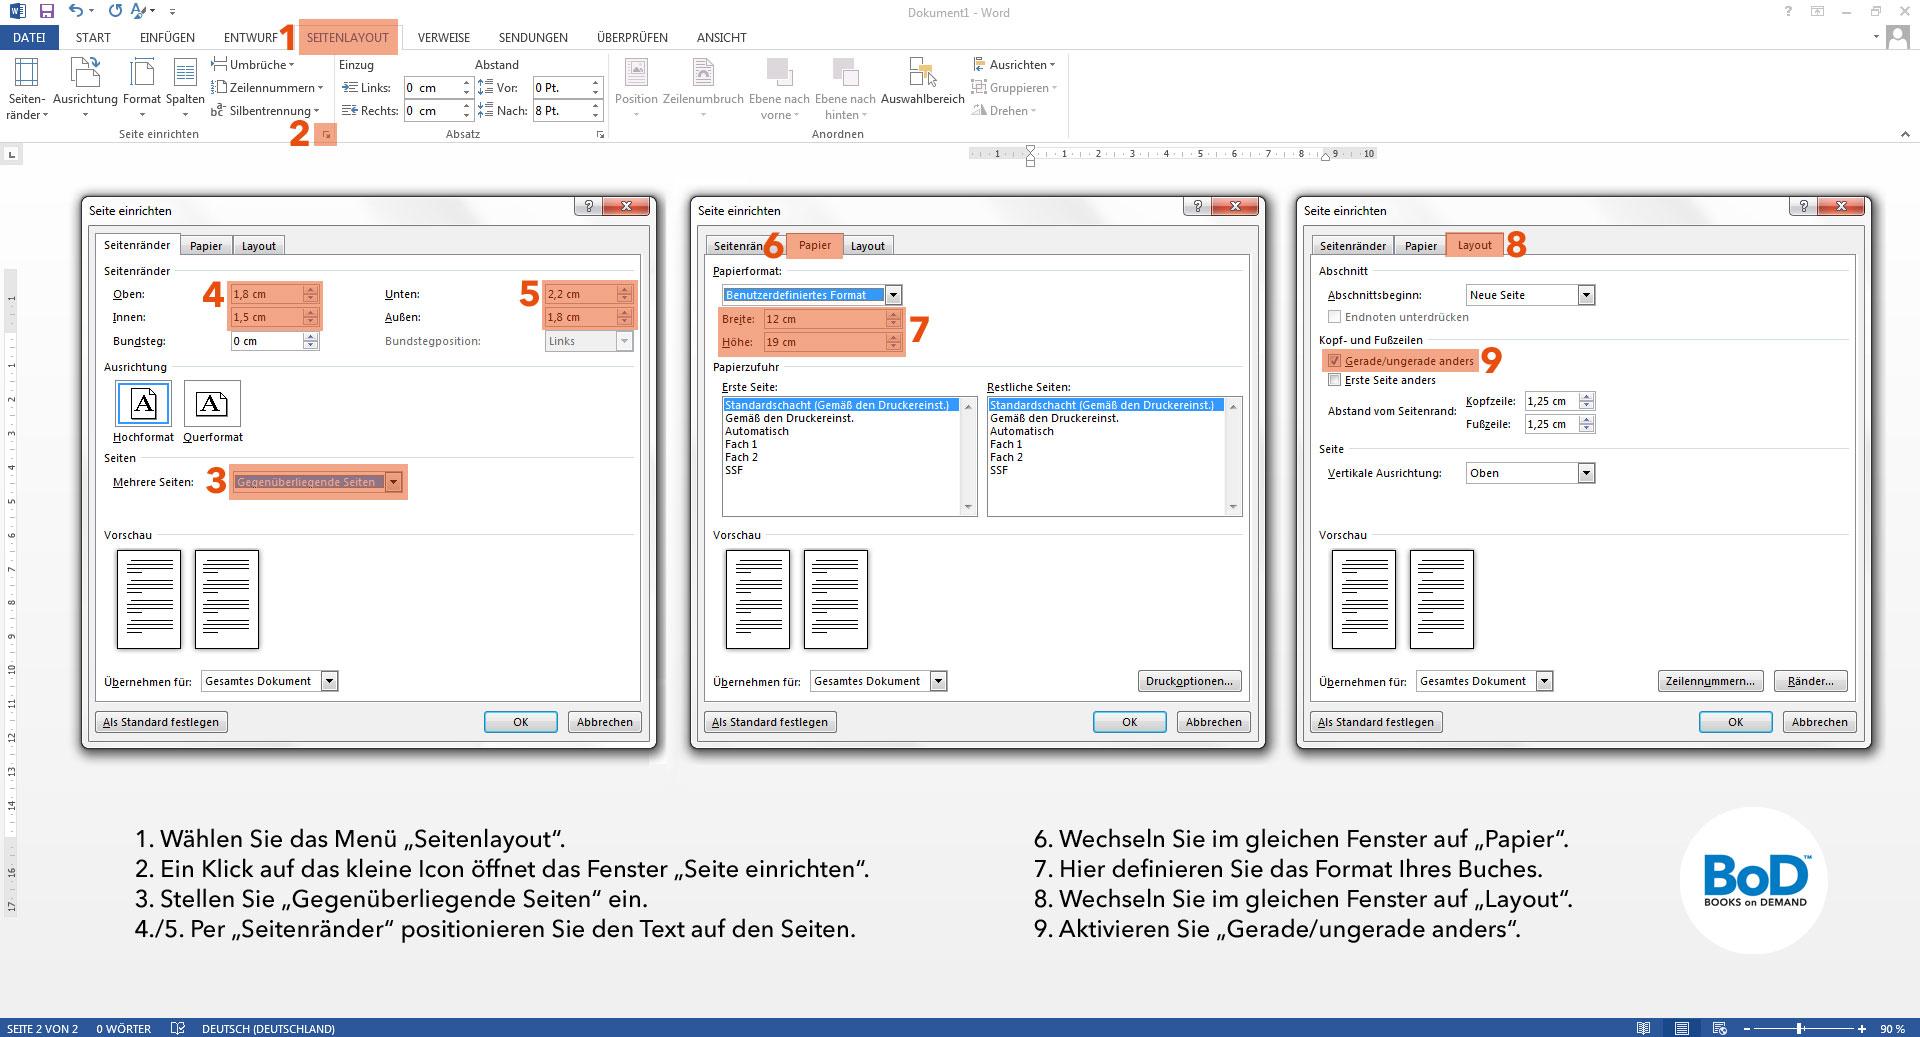 Buchausstattung: BoD - Books on Demand GmbH - Schweiz